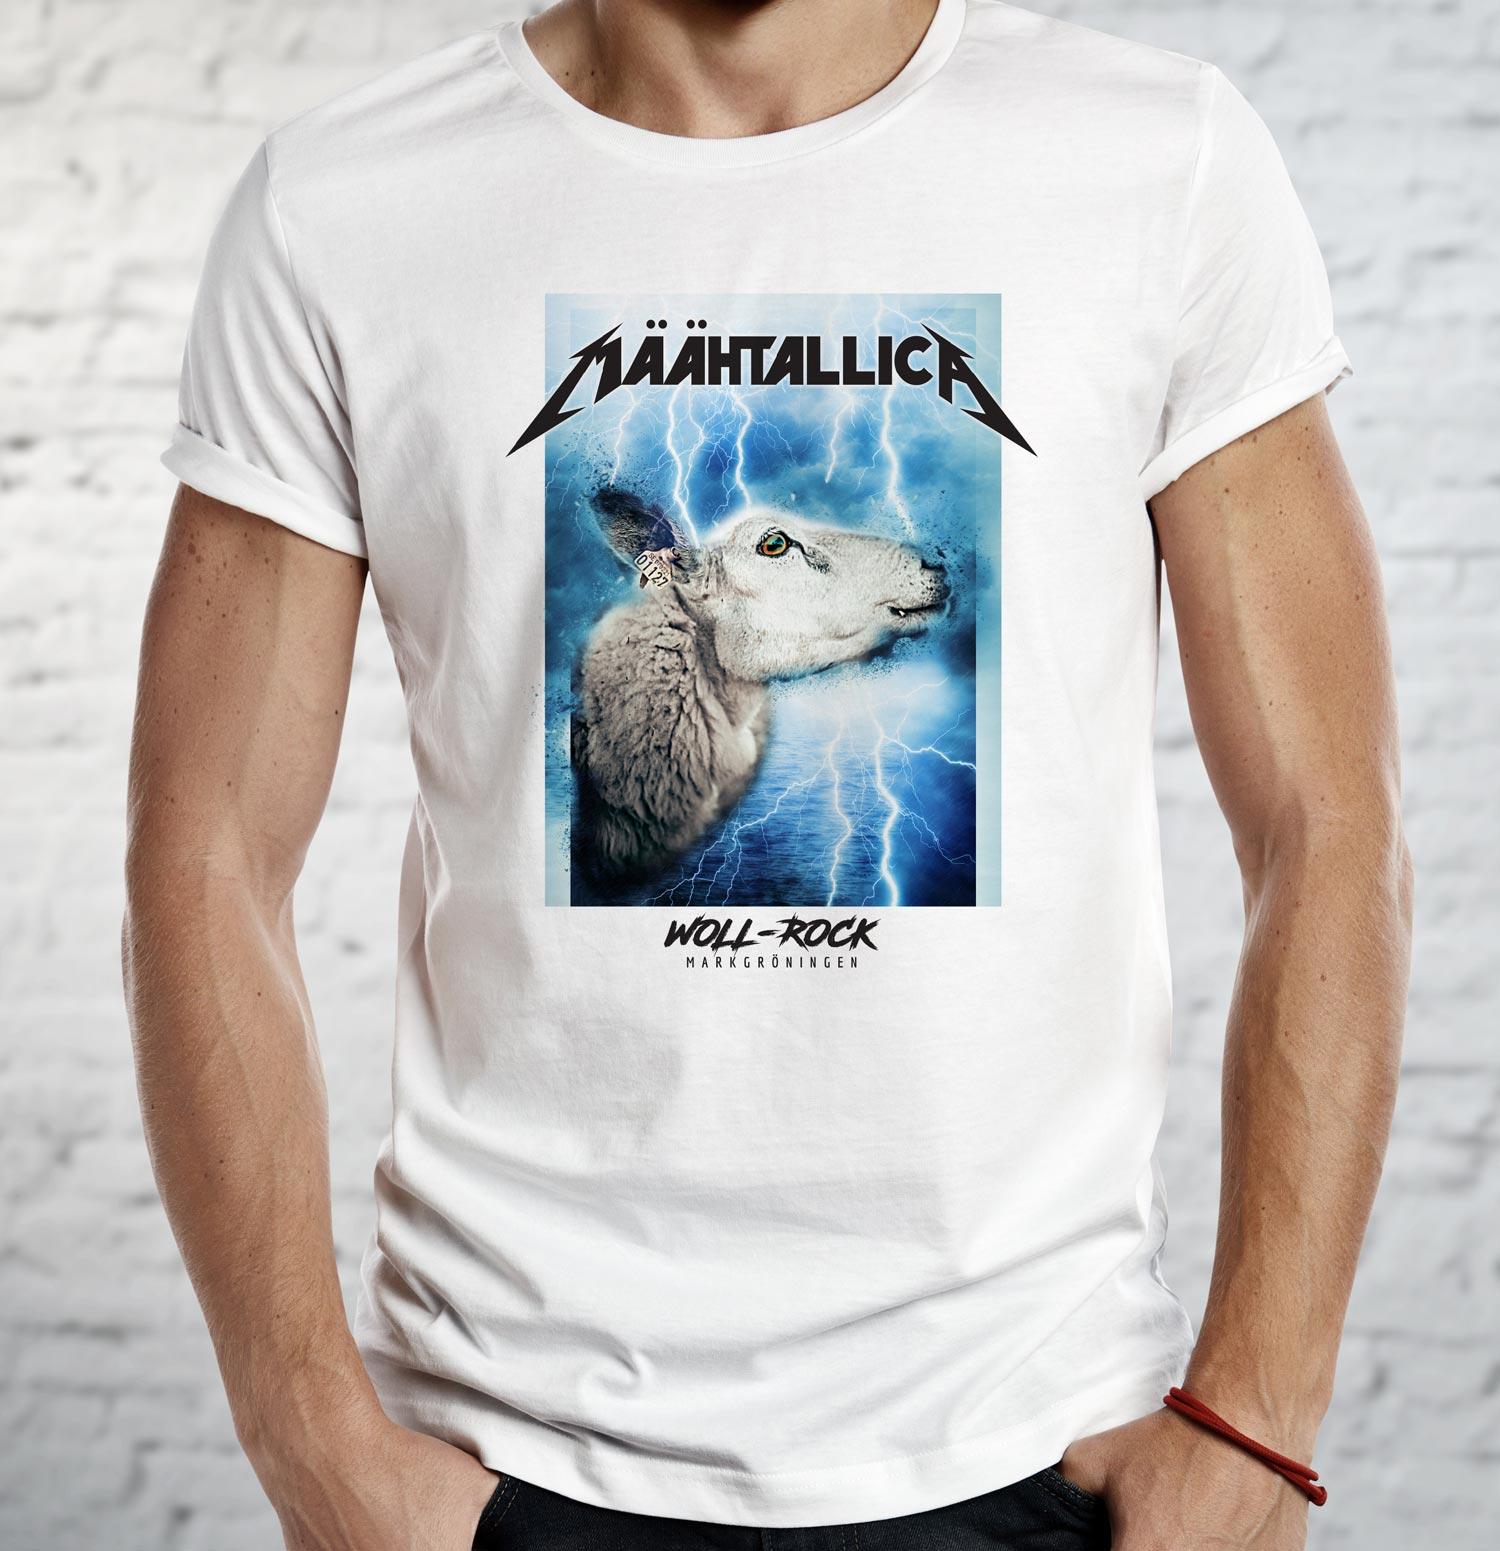 Schäferlauf Markgröningen Shirt Mähtallica